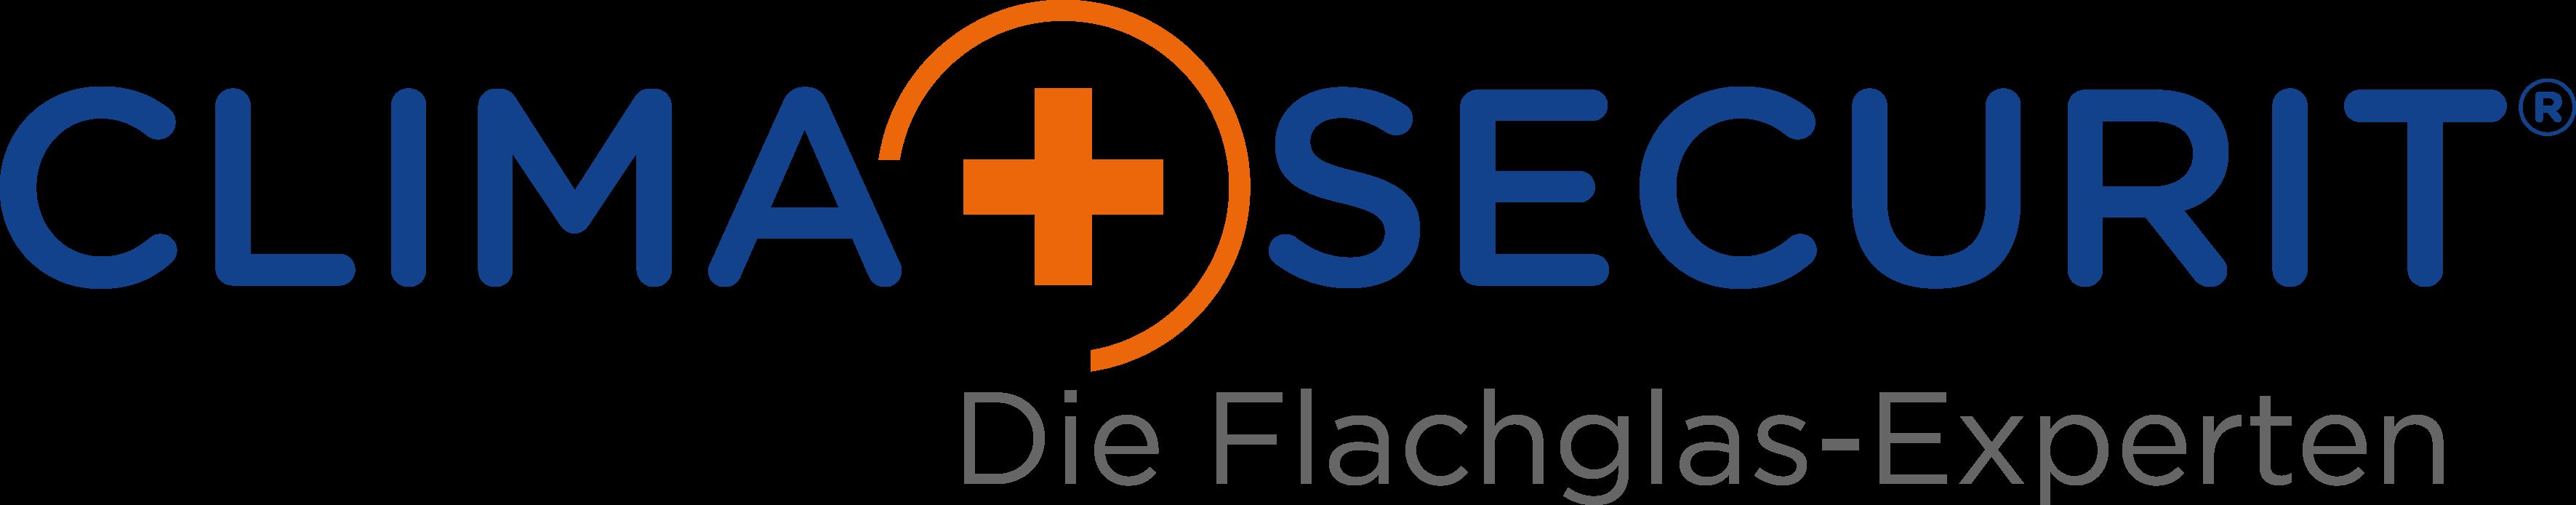 Mitgliedschaft bei CLIMAplusSECURIT - die Flachglasexperten